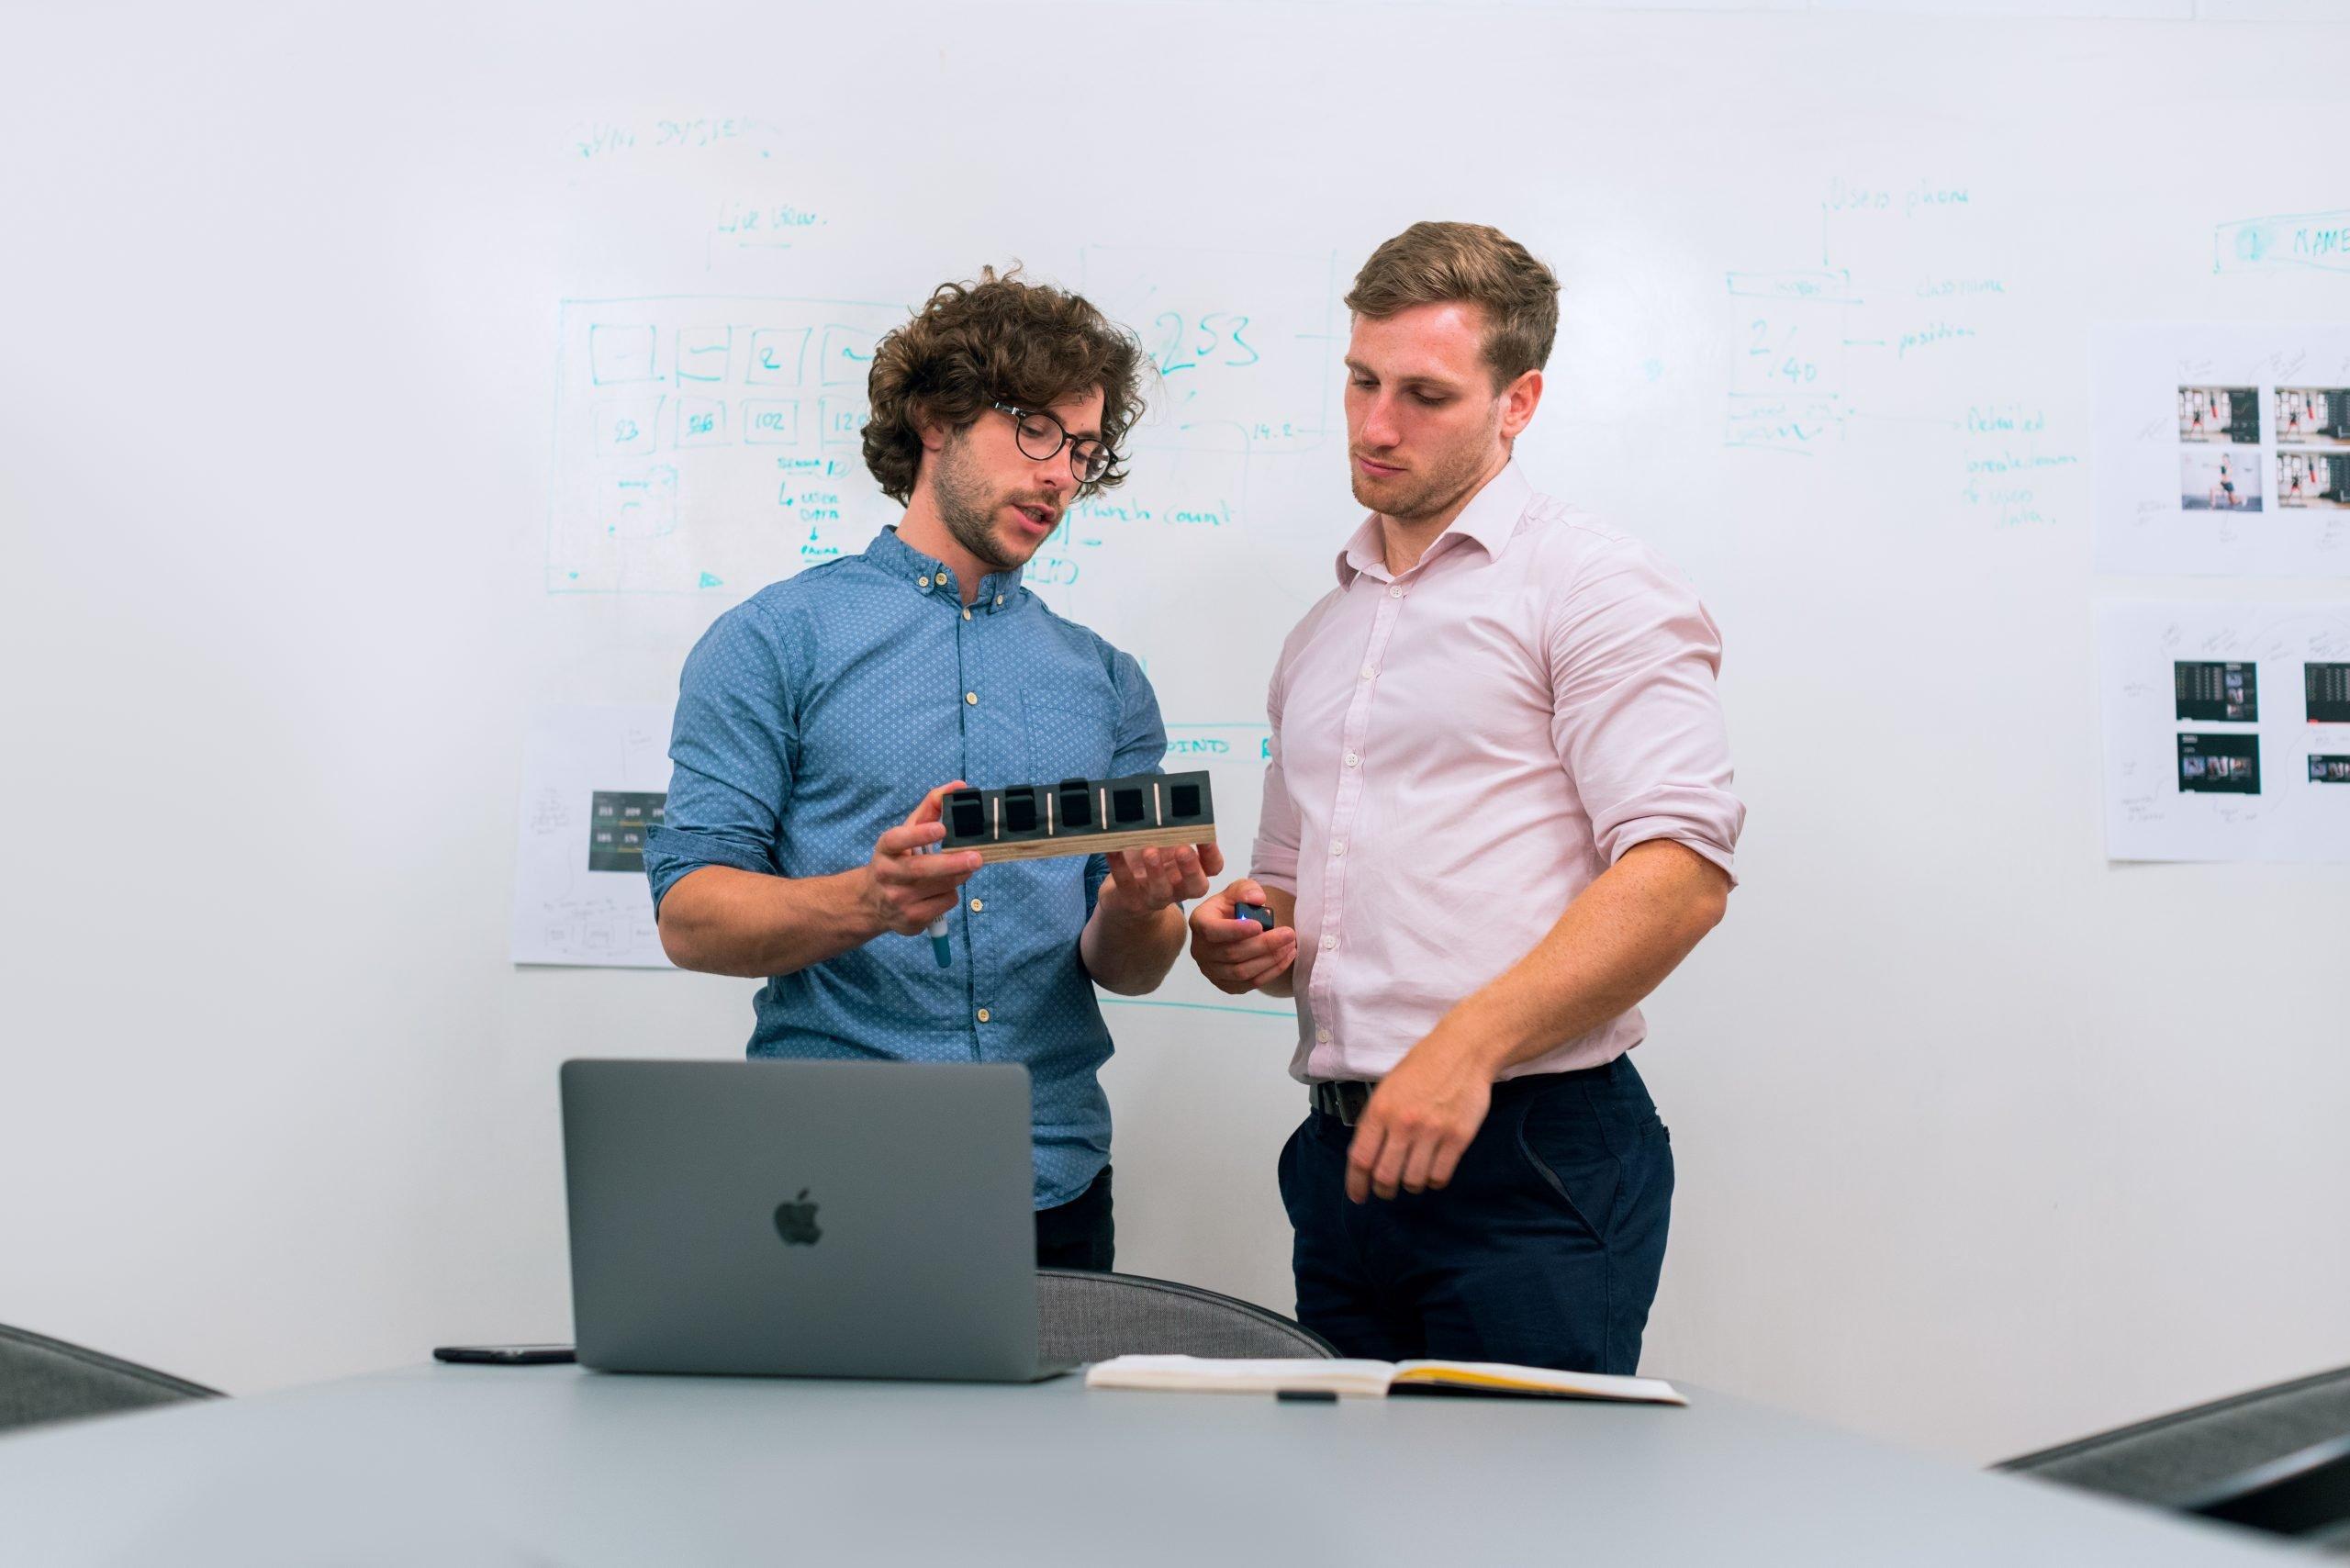 Pessoas Analisando A Funcionalidade Da Impressora 3D